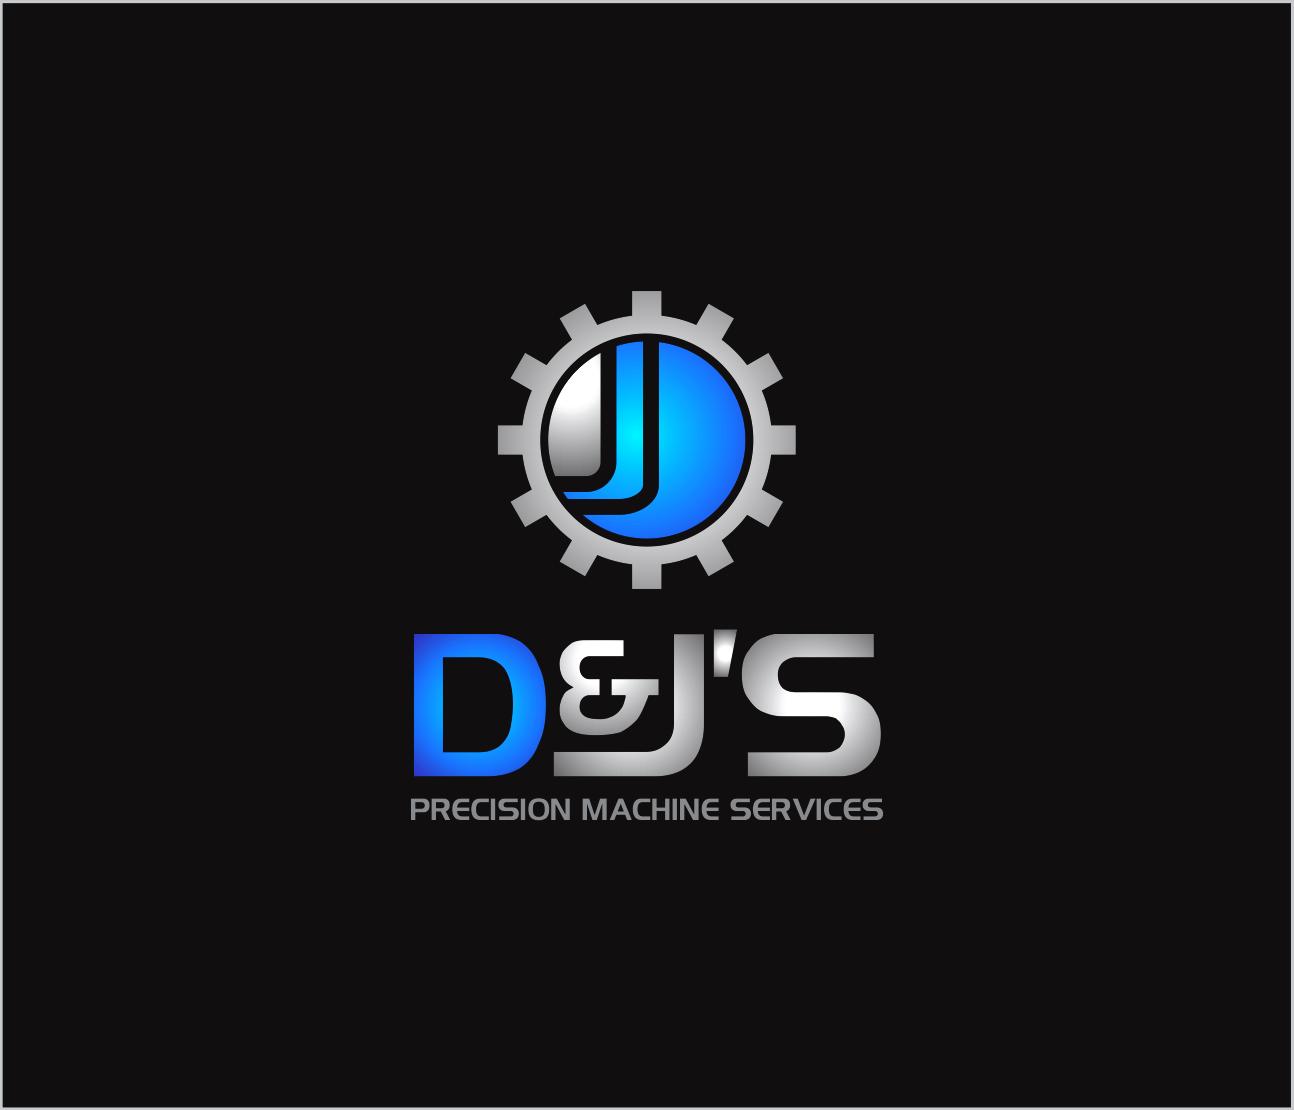 Logo Design by Armada Jamaluddin - Entry No. 107 in the Logo Design Contest Creative Logo Design for D & J's Precision Machine Services.